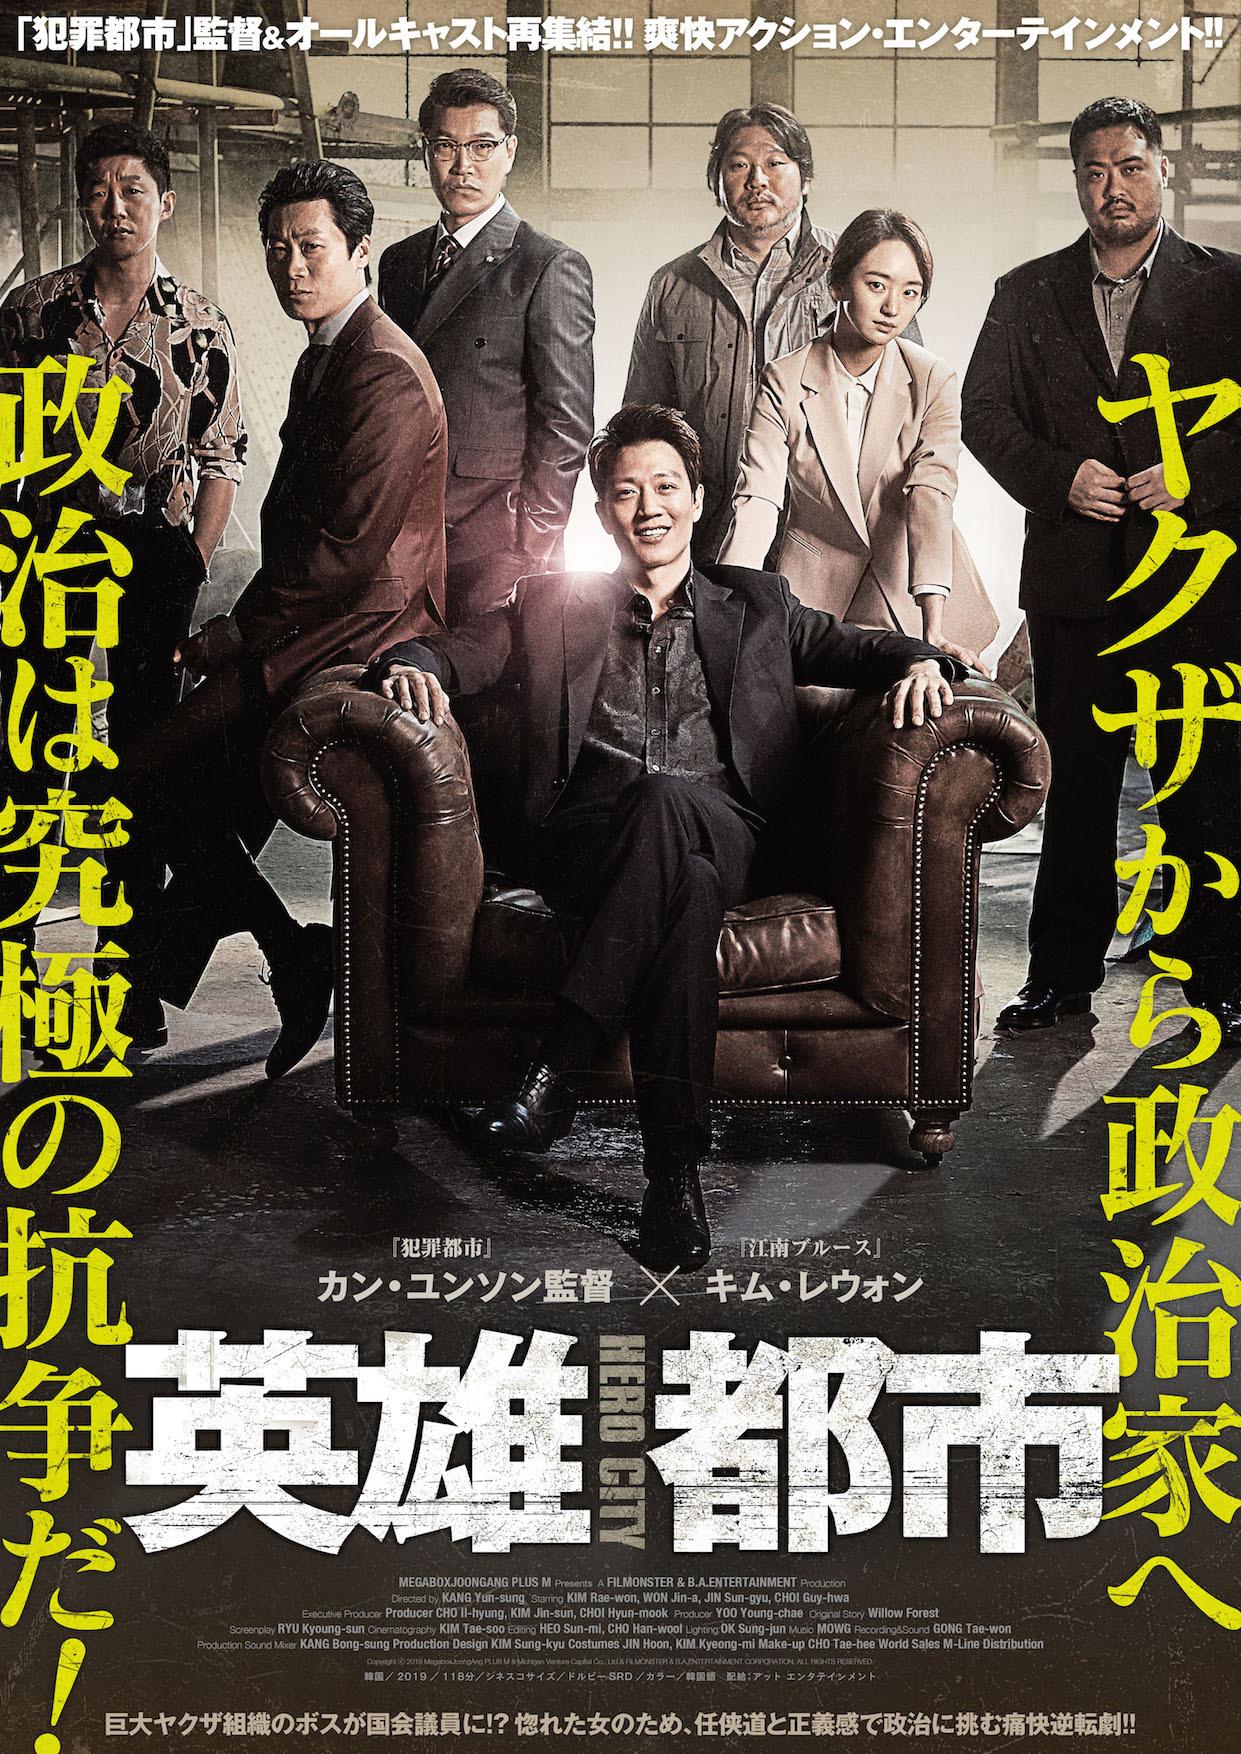 ブロックバスターが続々公開!韓国映画が再び熱い_1_5-2